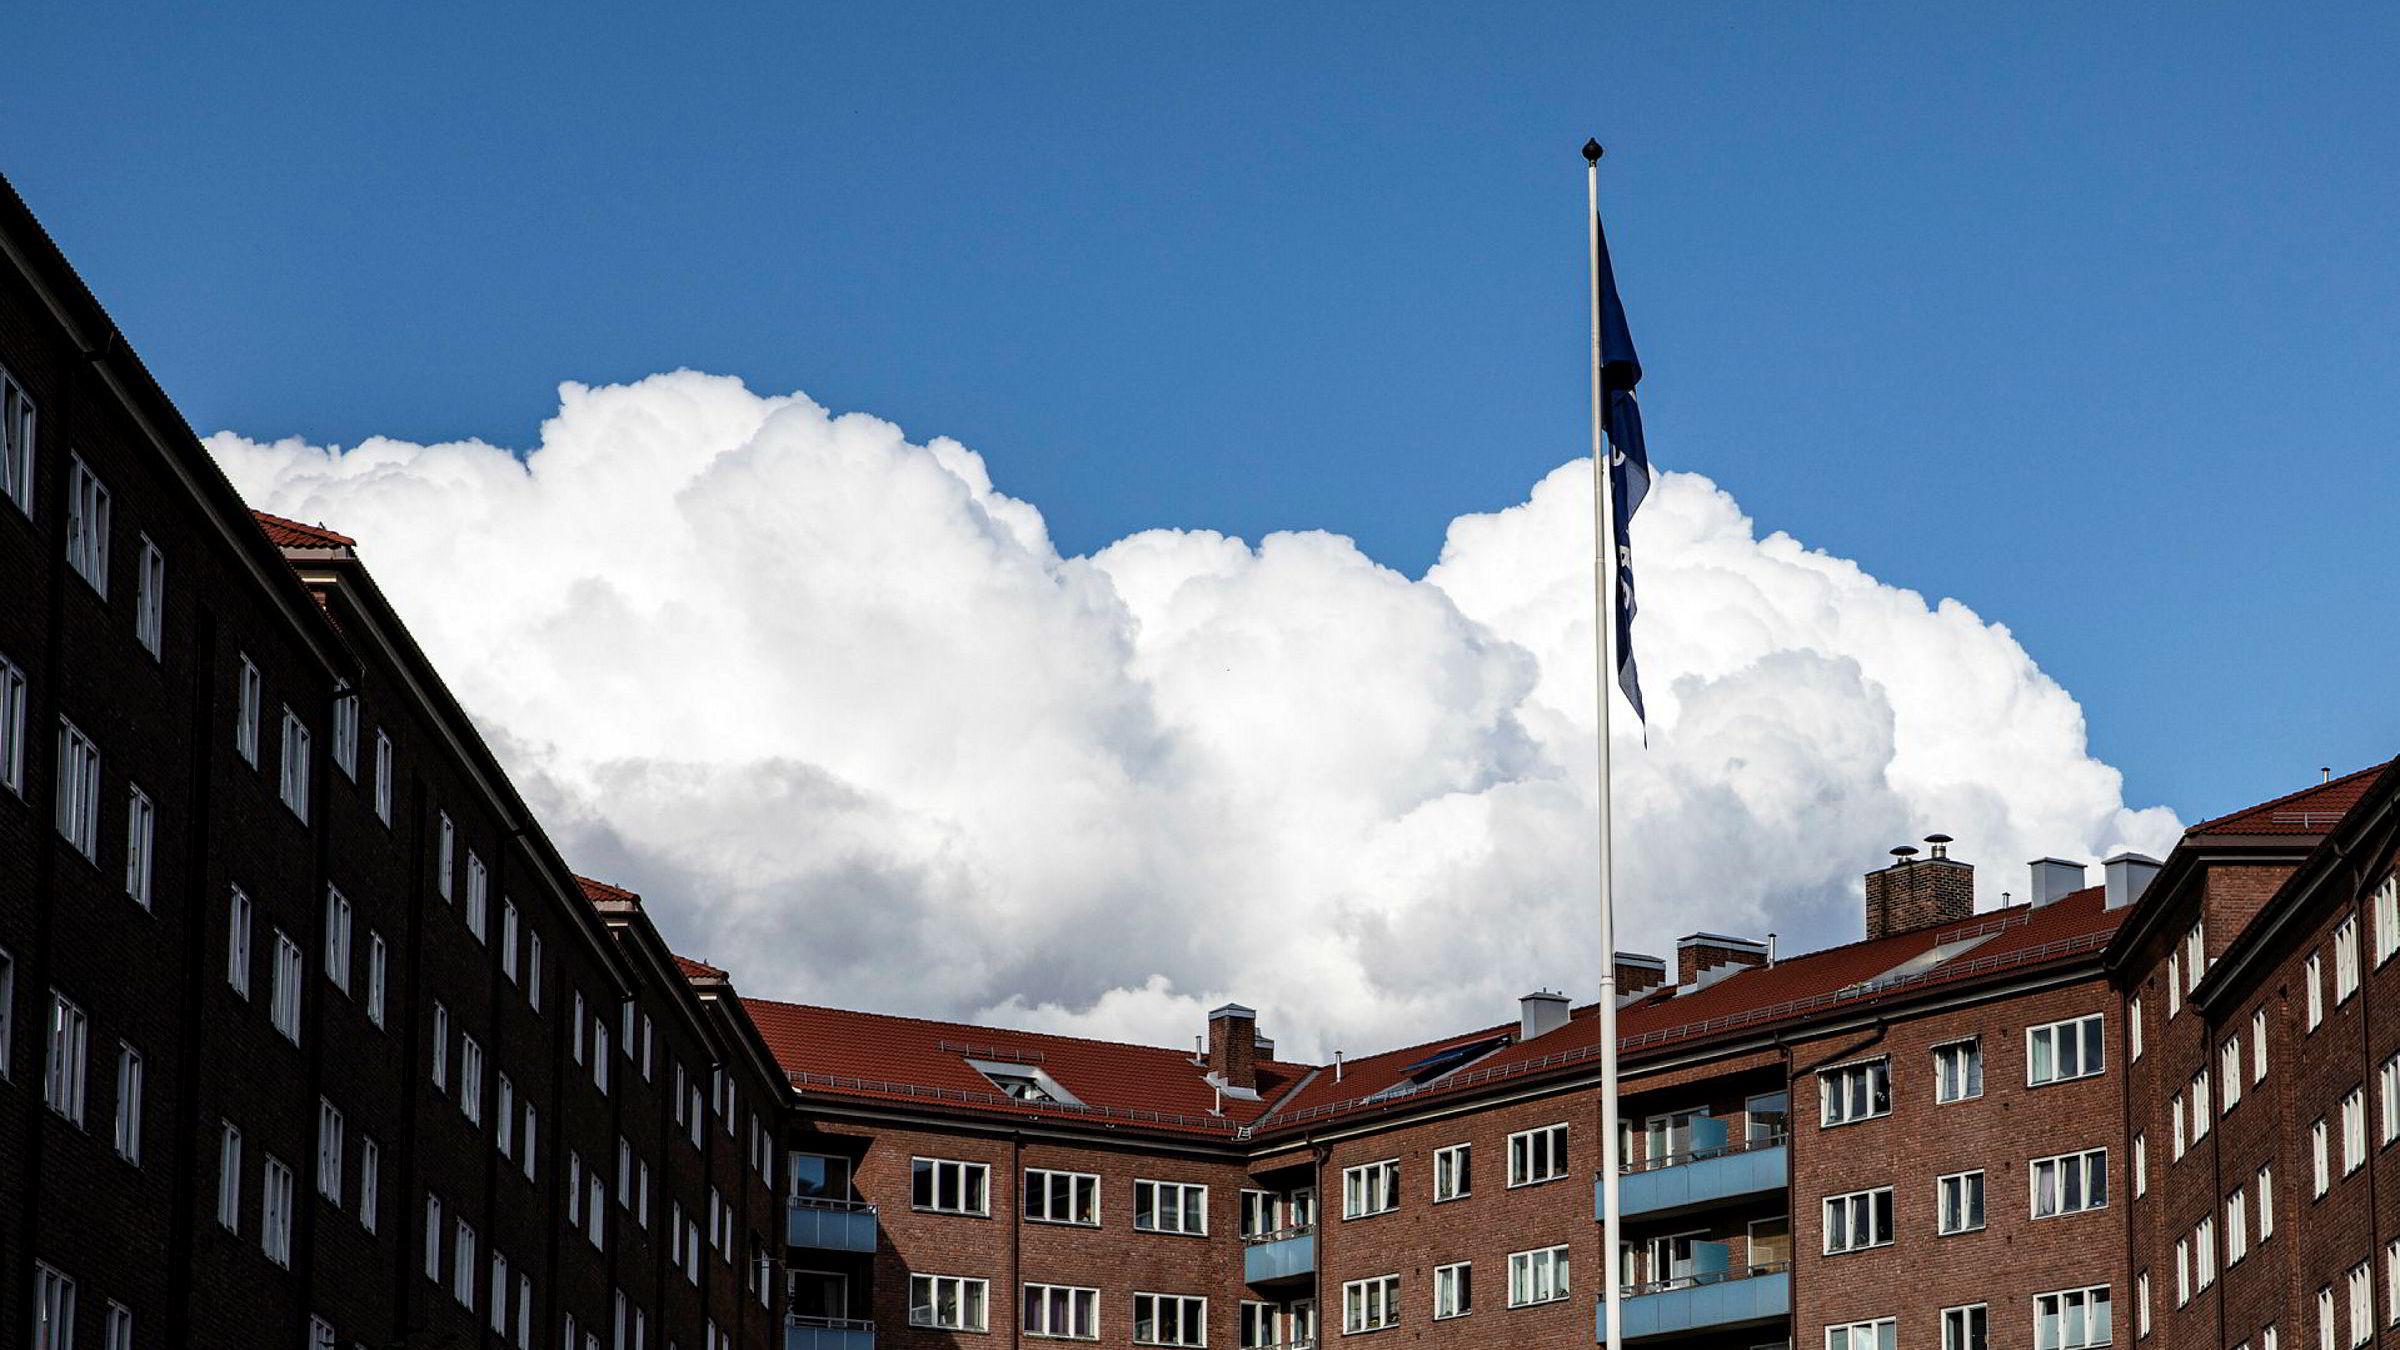 Oslo skiller seg klart fra resten av landet, med lav boligbygging i forhold til befolkningsutviklingen. Derfor venter blant annet Samfunnsøkonomisk Analyse at boligprisveksten blir høyere i Oslo enn andre steder i landet.